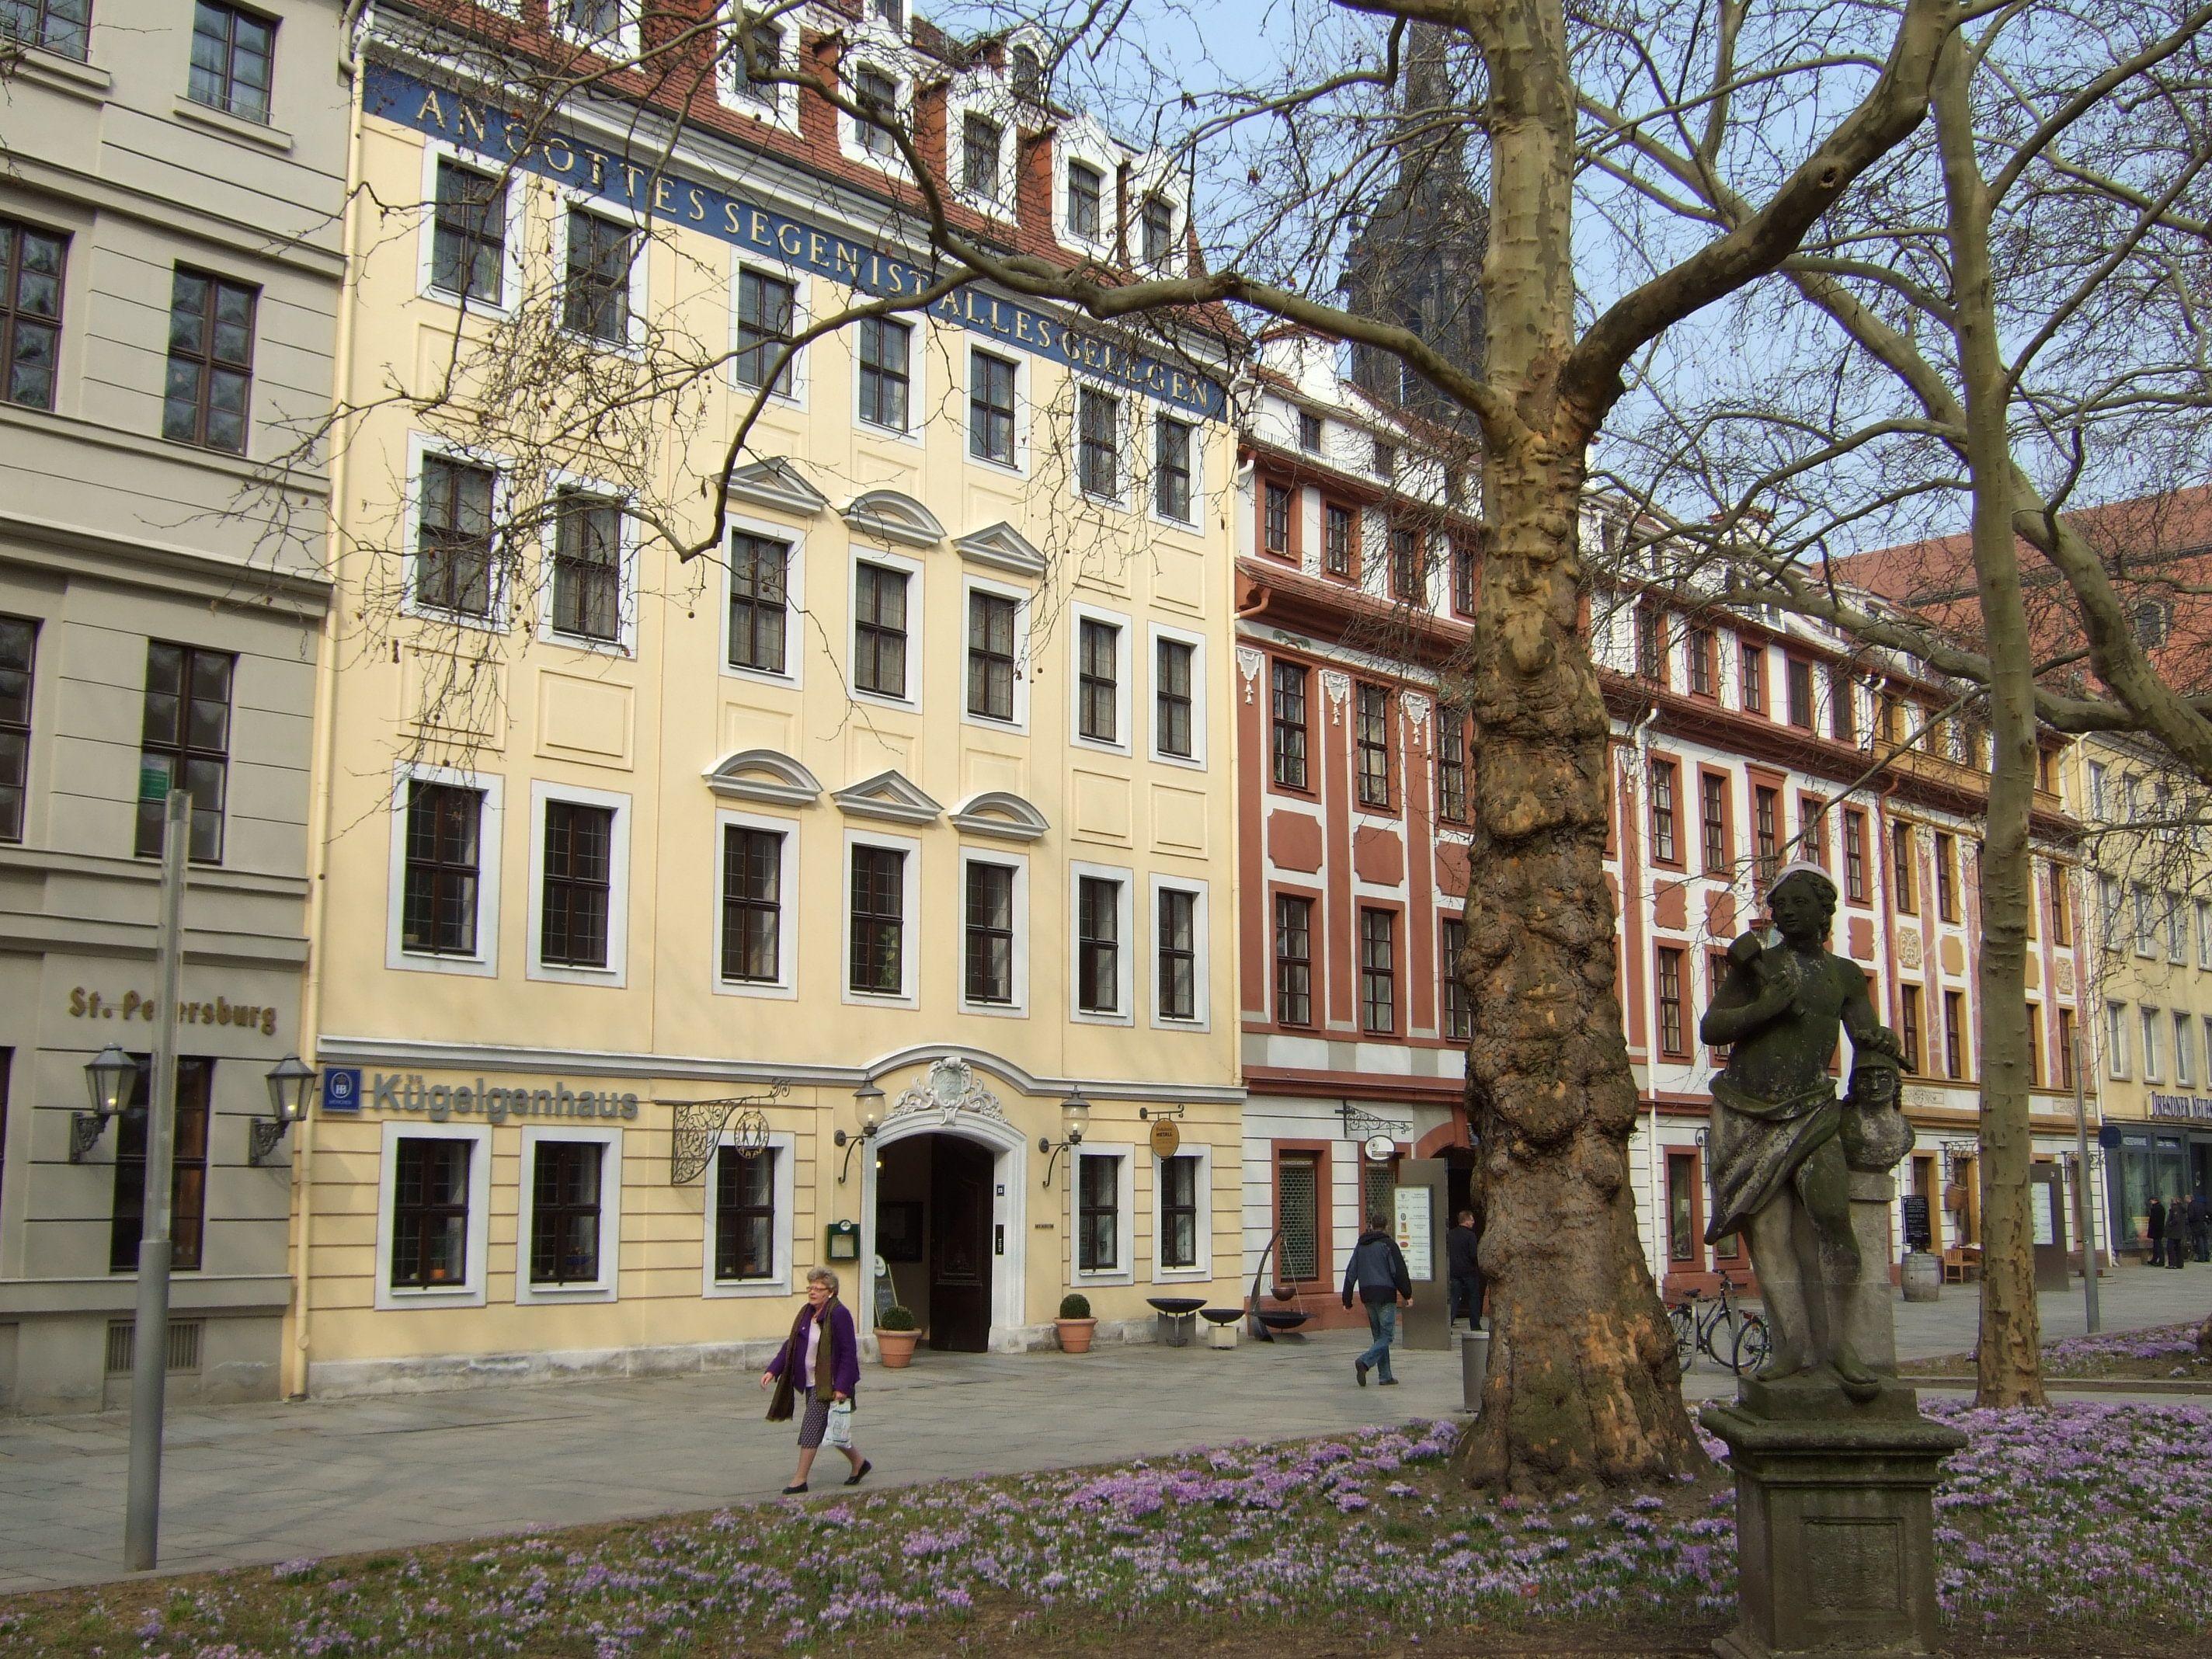 """Das Kügelgenhaus auf der Dresdner Hauptstraße. Das Haus hat 3 Etagen und zwei Dachgeschosse. An der Fassade steht in goldenen Buchstaben auf blauem Grund der Spruch: """"An Gottes Segen ist alles gelegen""""."""